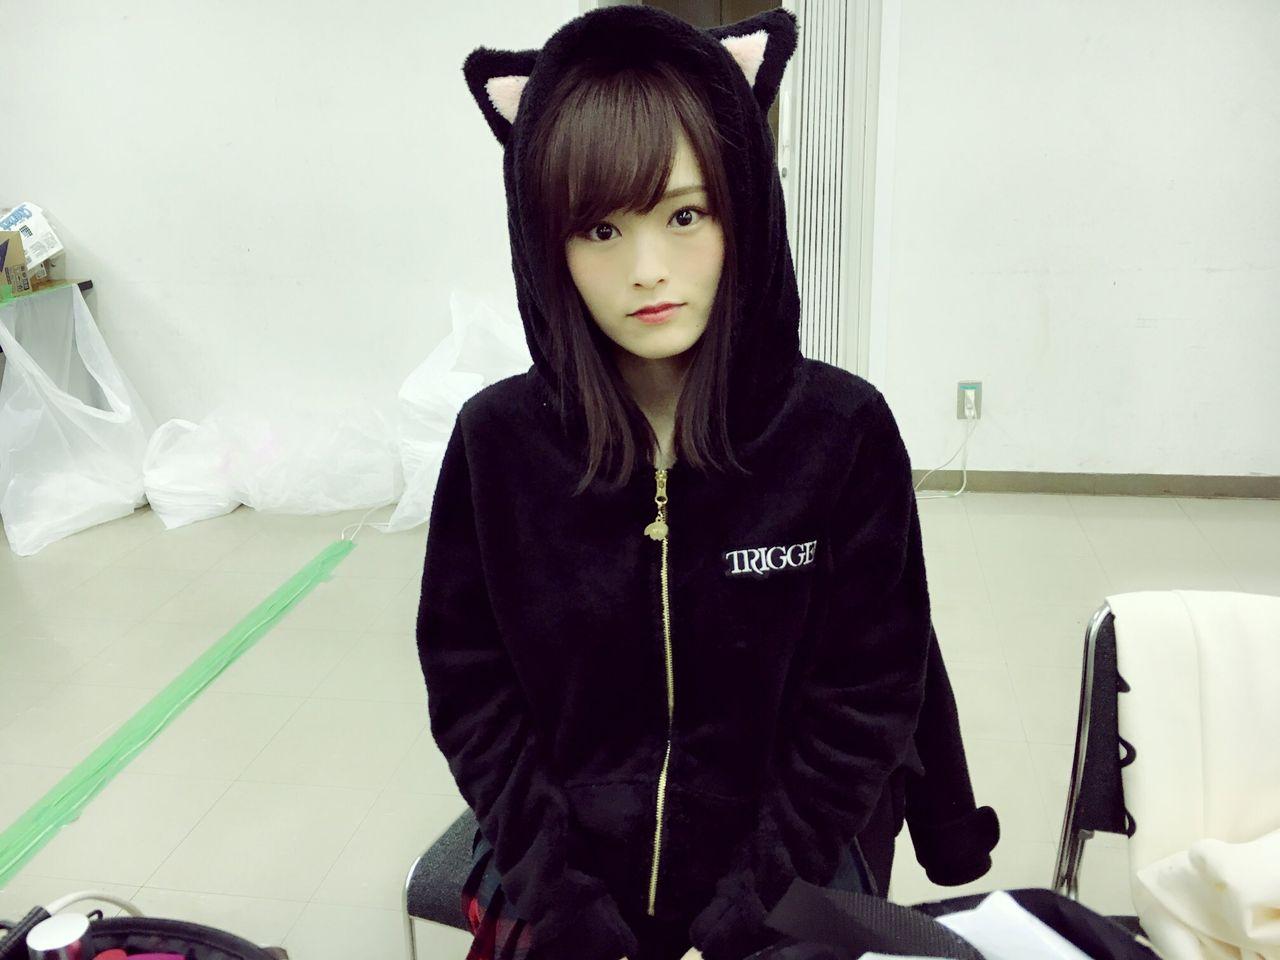 【エンタメ画像】《NMB48》山本彩ちゃんの黒猫姿!!!!!!!!!!!!!!!!!!